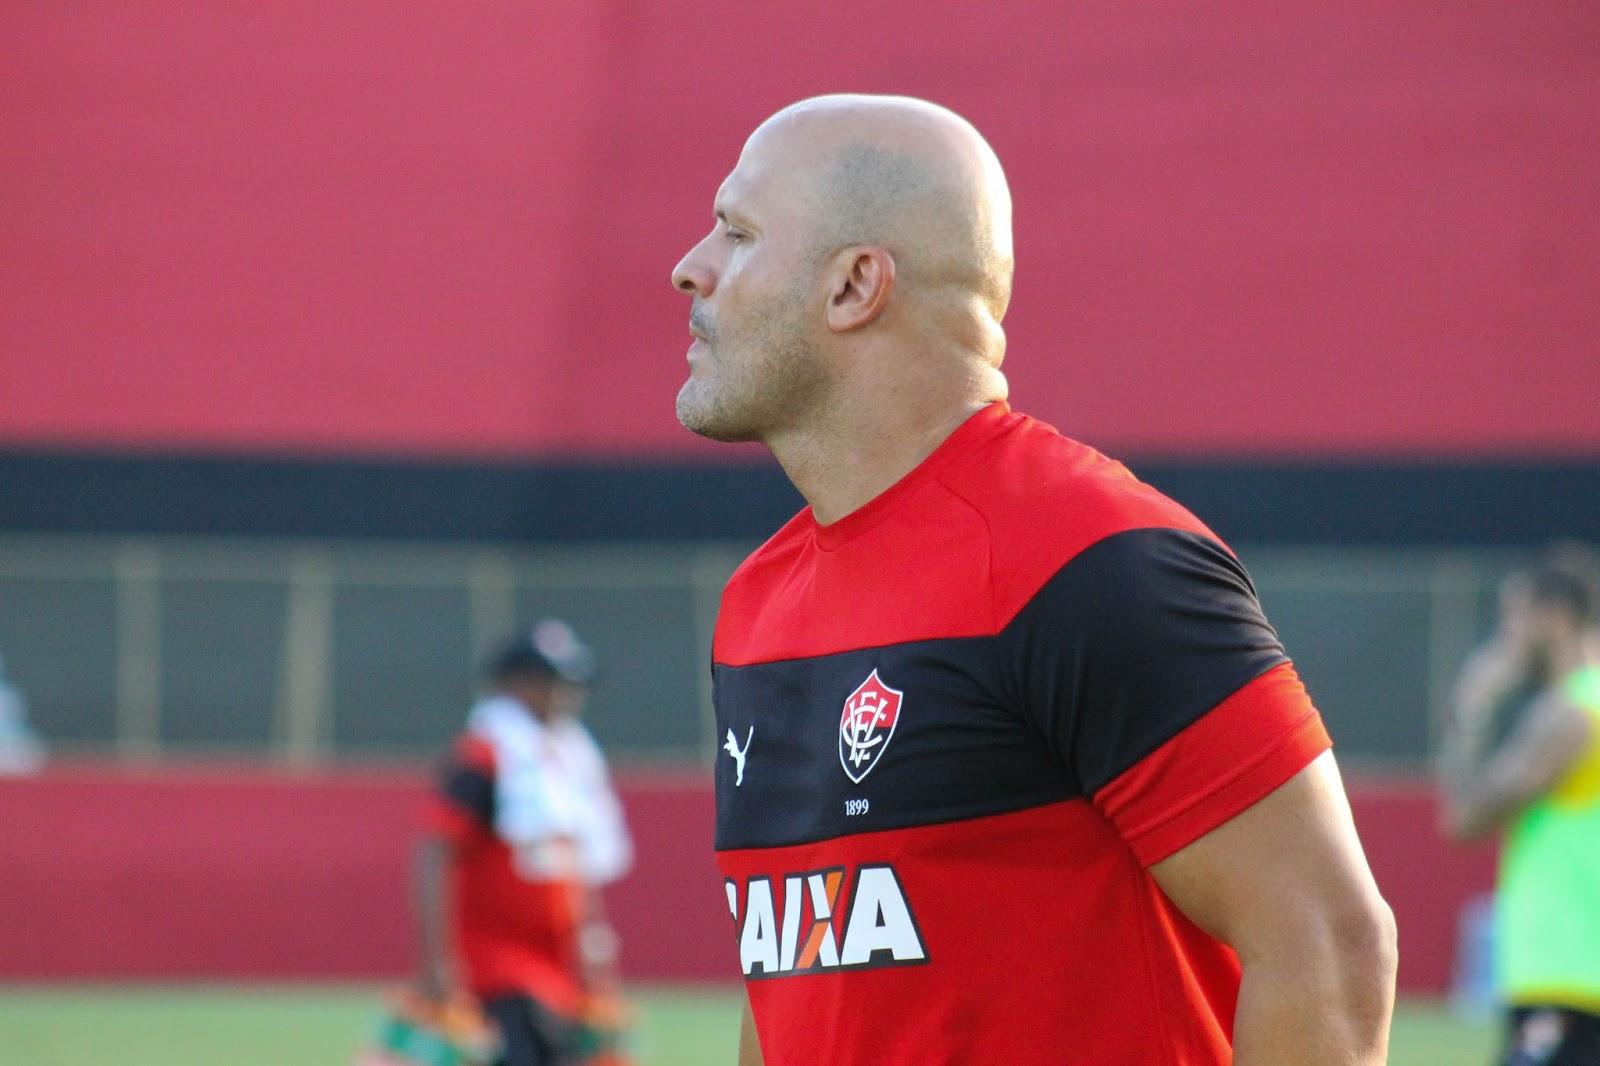 Com Flávio Tanajura no comando, Vitória relaciona 21 jogadores para jogo contra a Chapecoense 1